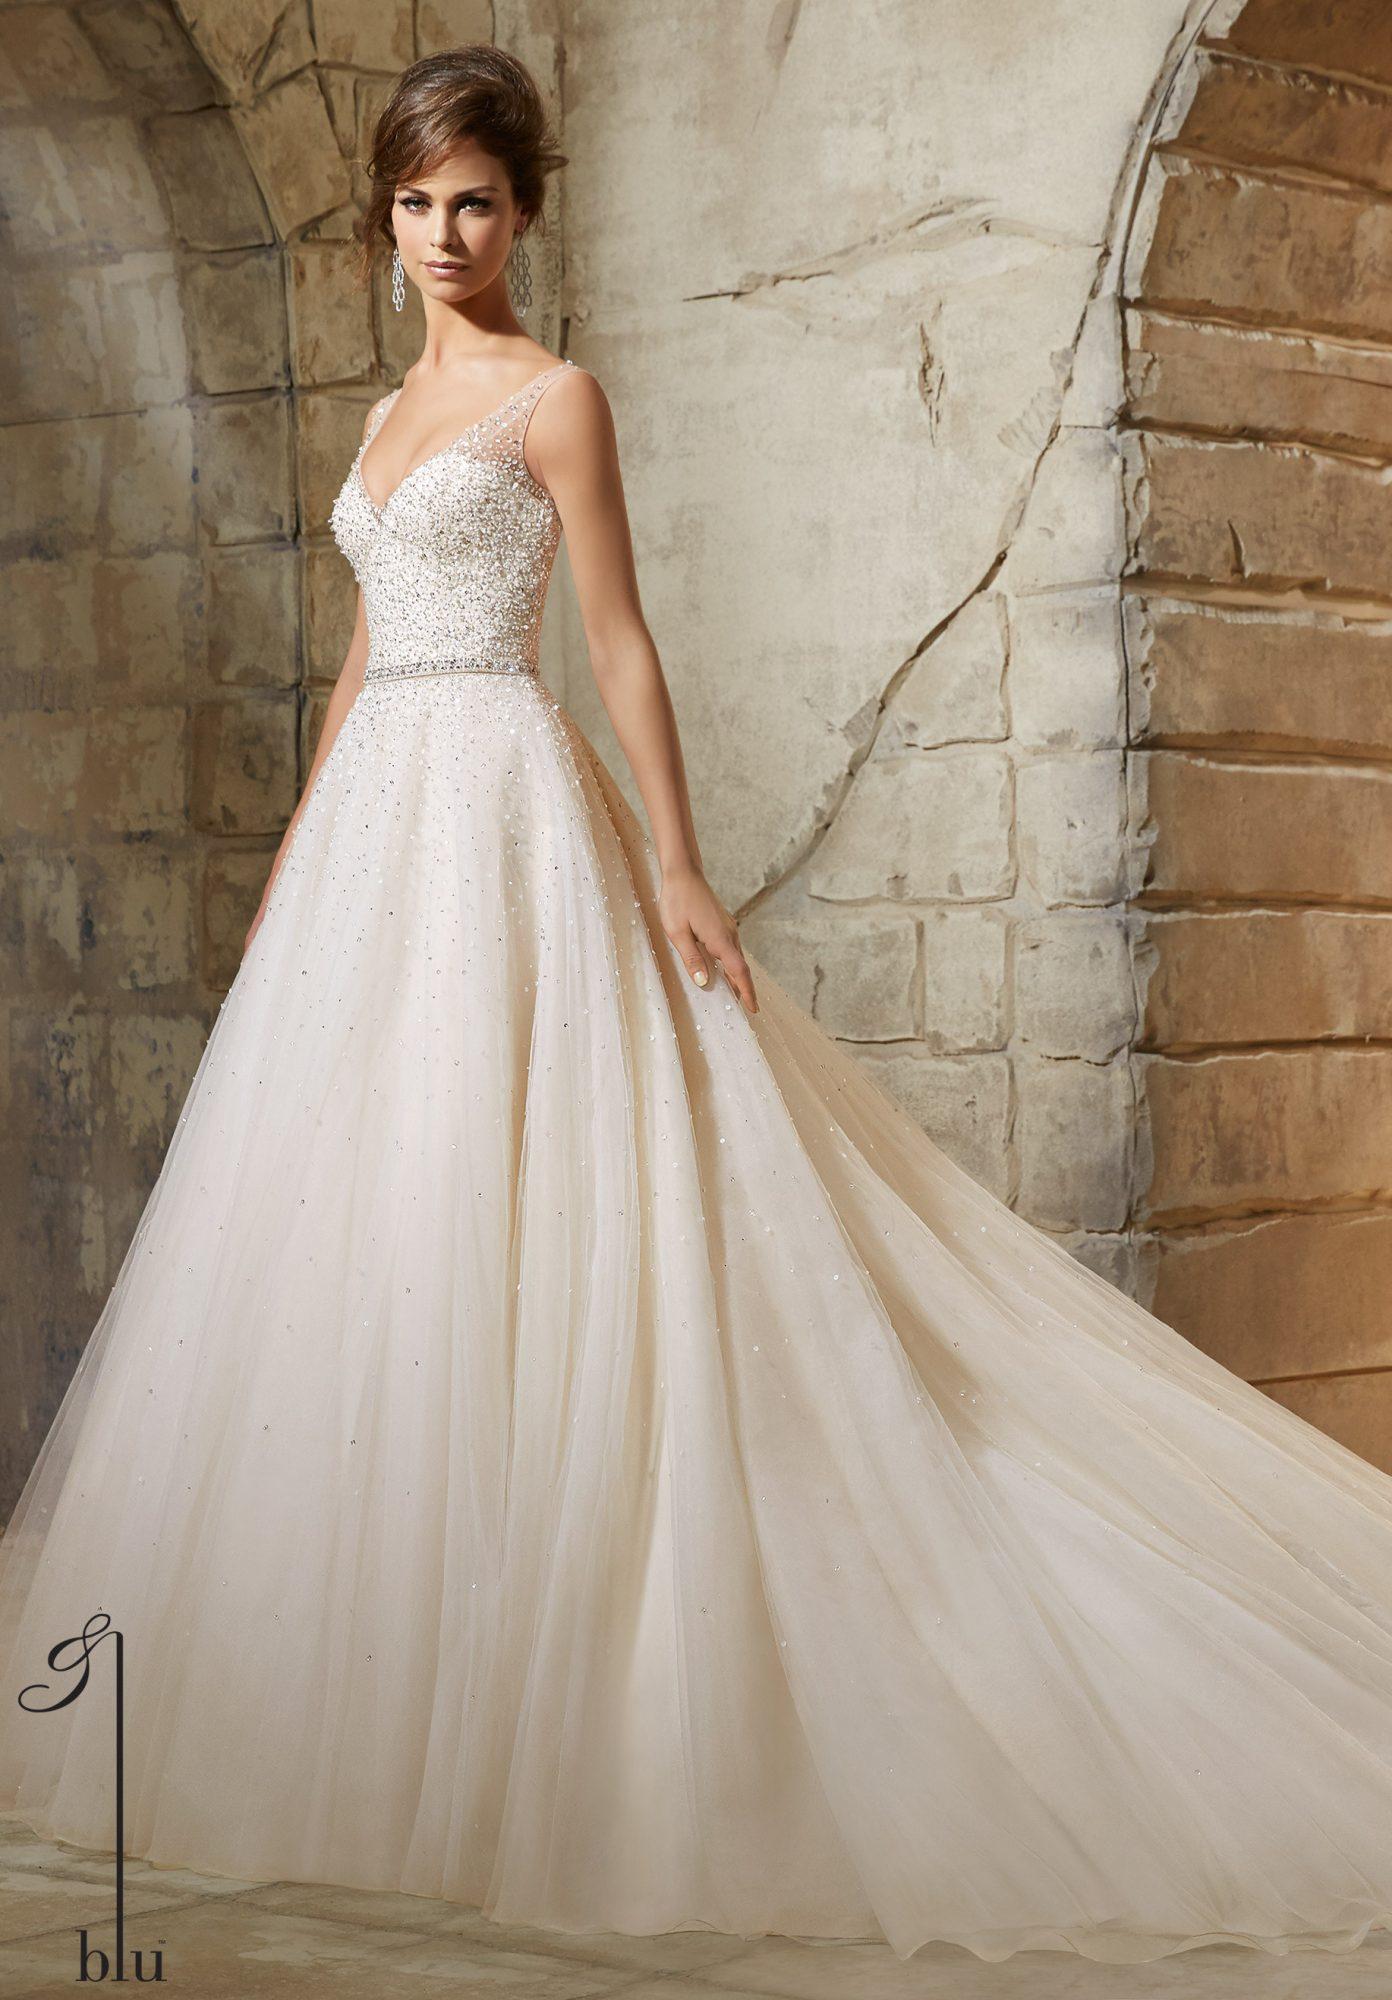 Não gaste o orçamento todo do casamento no vestido